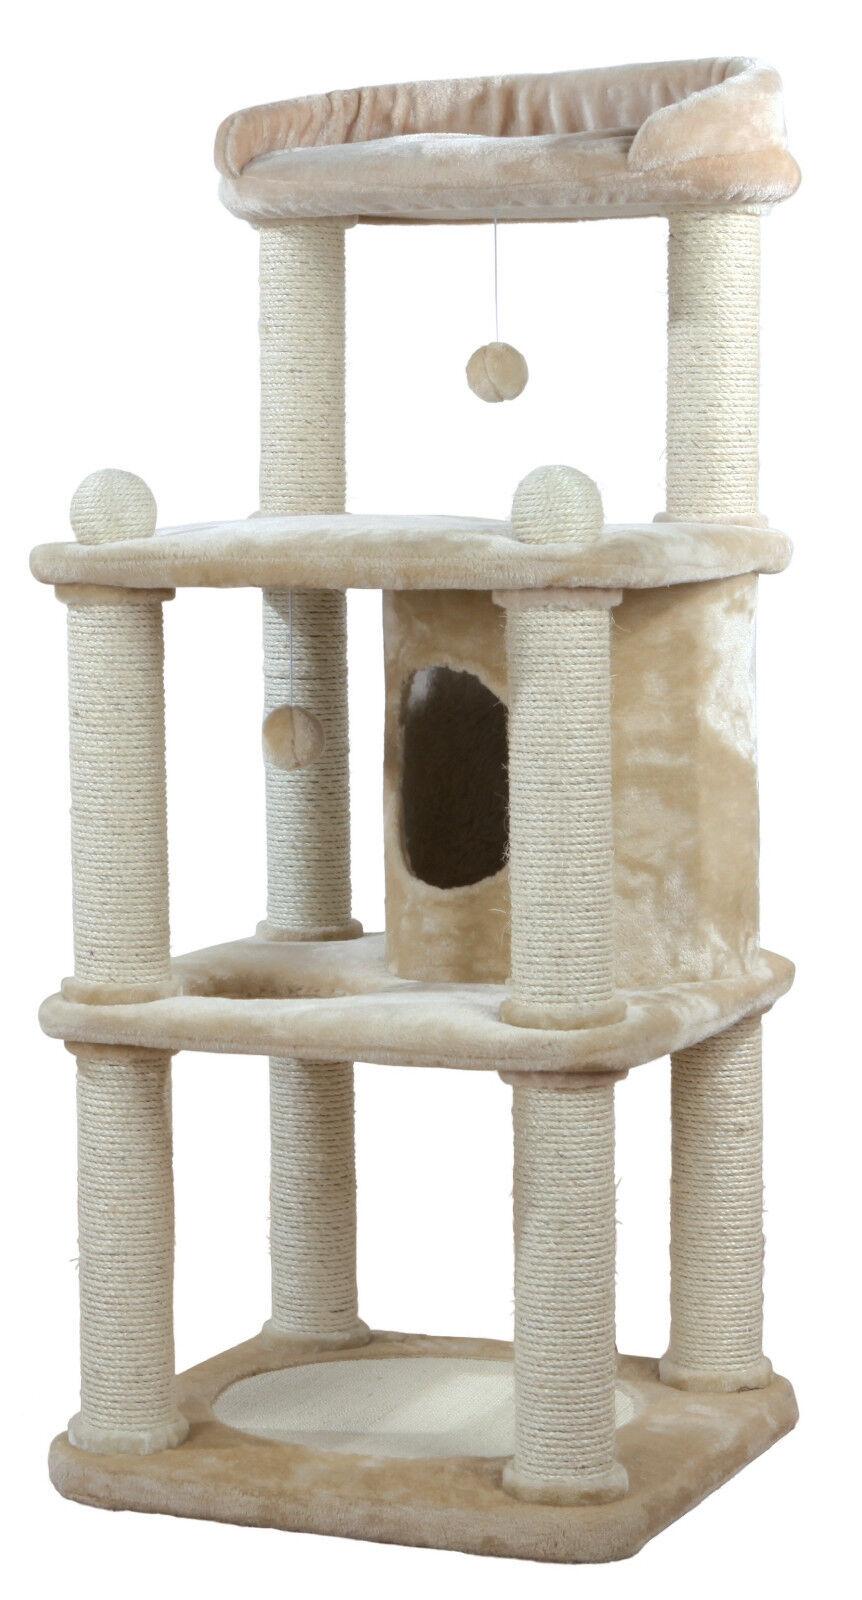 Trixie Kratzbaum Belinda beige für Katzen Art. Art. Art. 47041 groß f4fffc